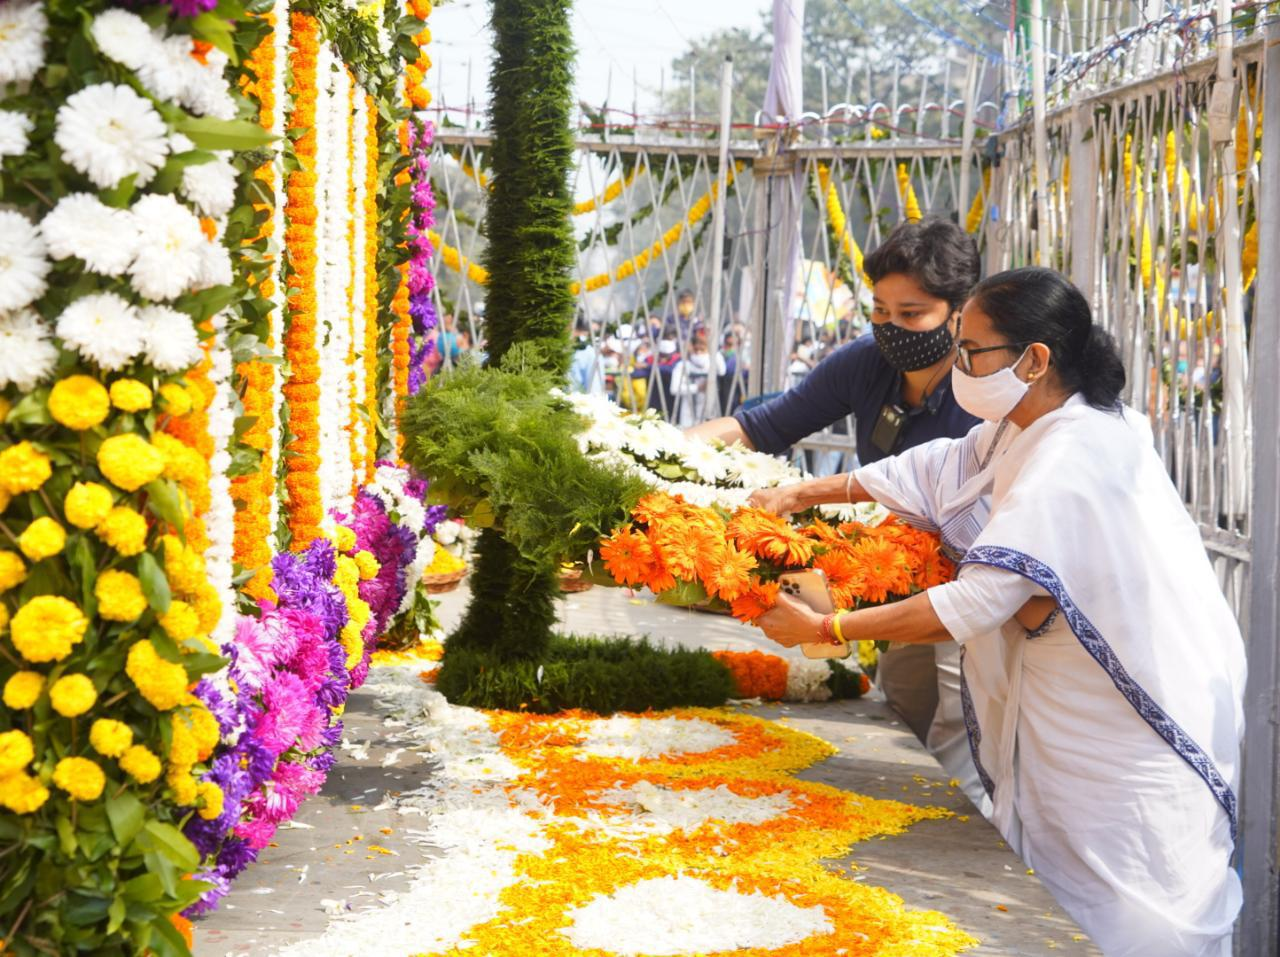 কলকাতা হোক দেশের রাজধানী, দাবি মমতার